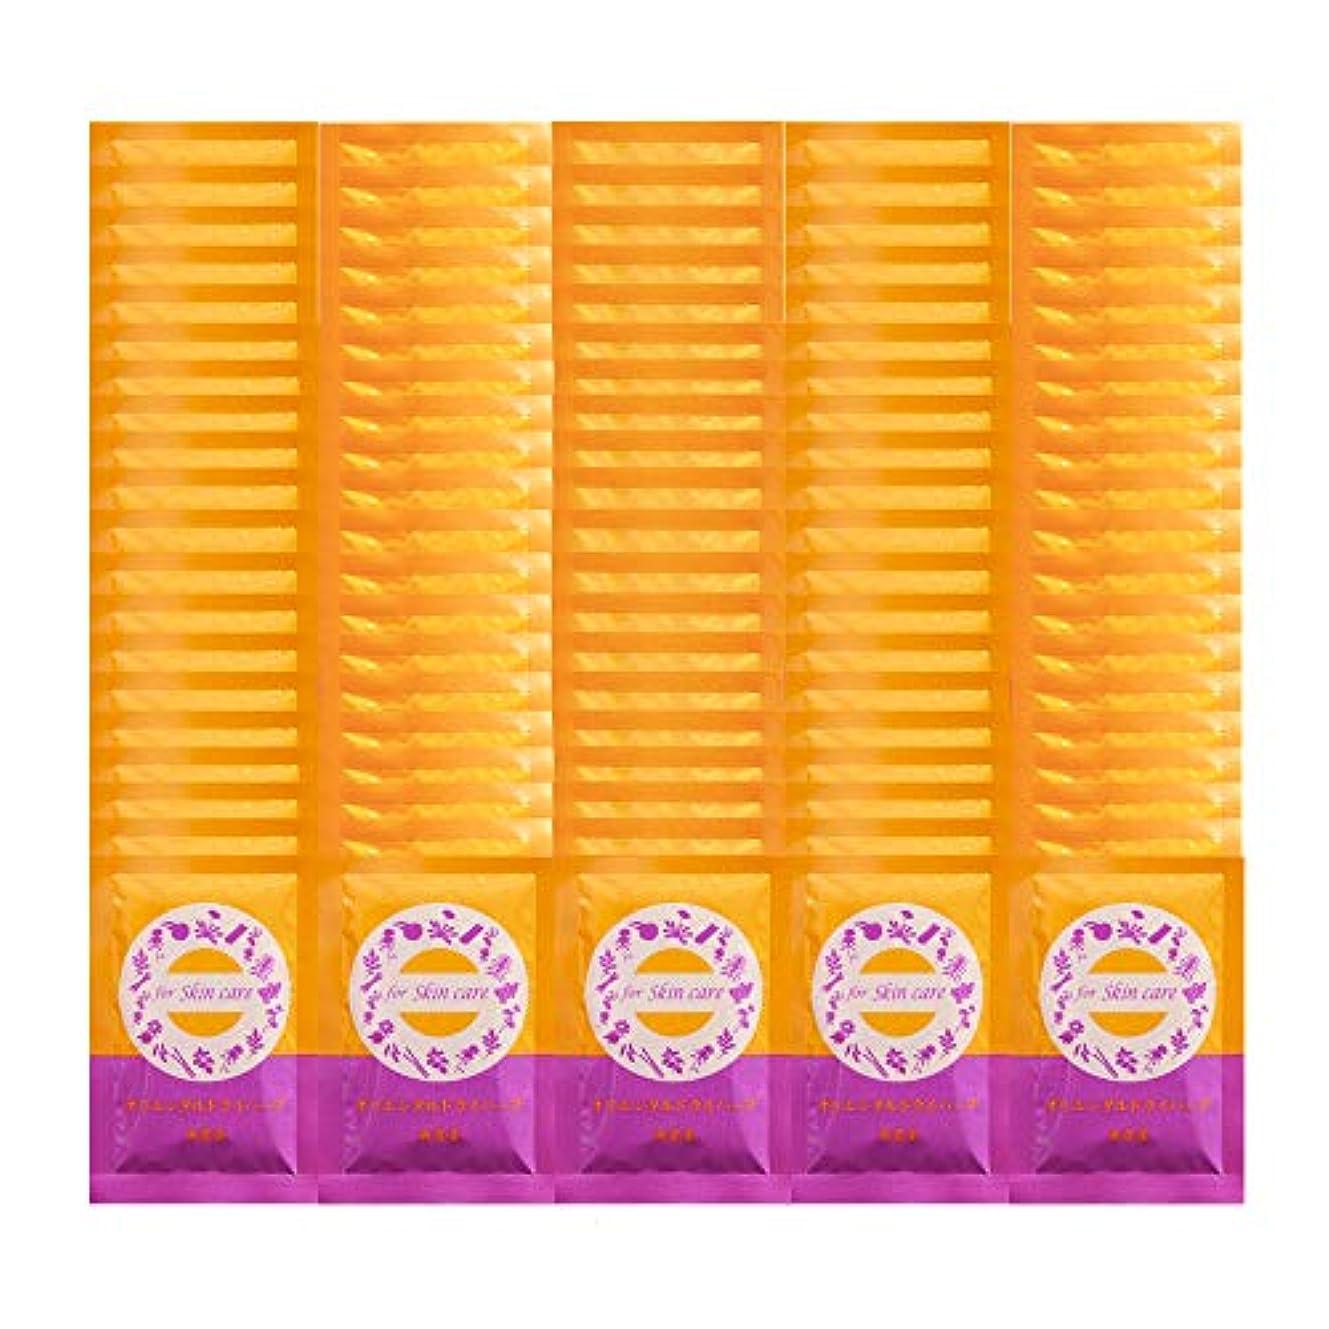 ルアー要塞変化する韓方座浴剤 100包 セット ファンジン (皮膚美容用100包)